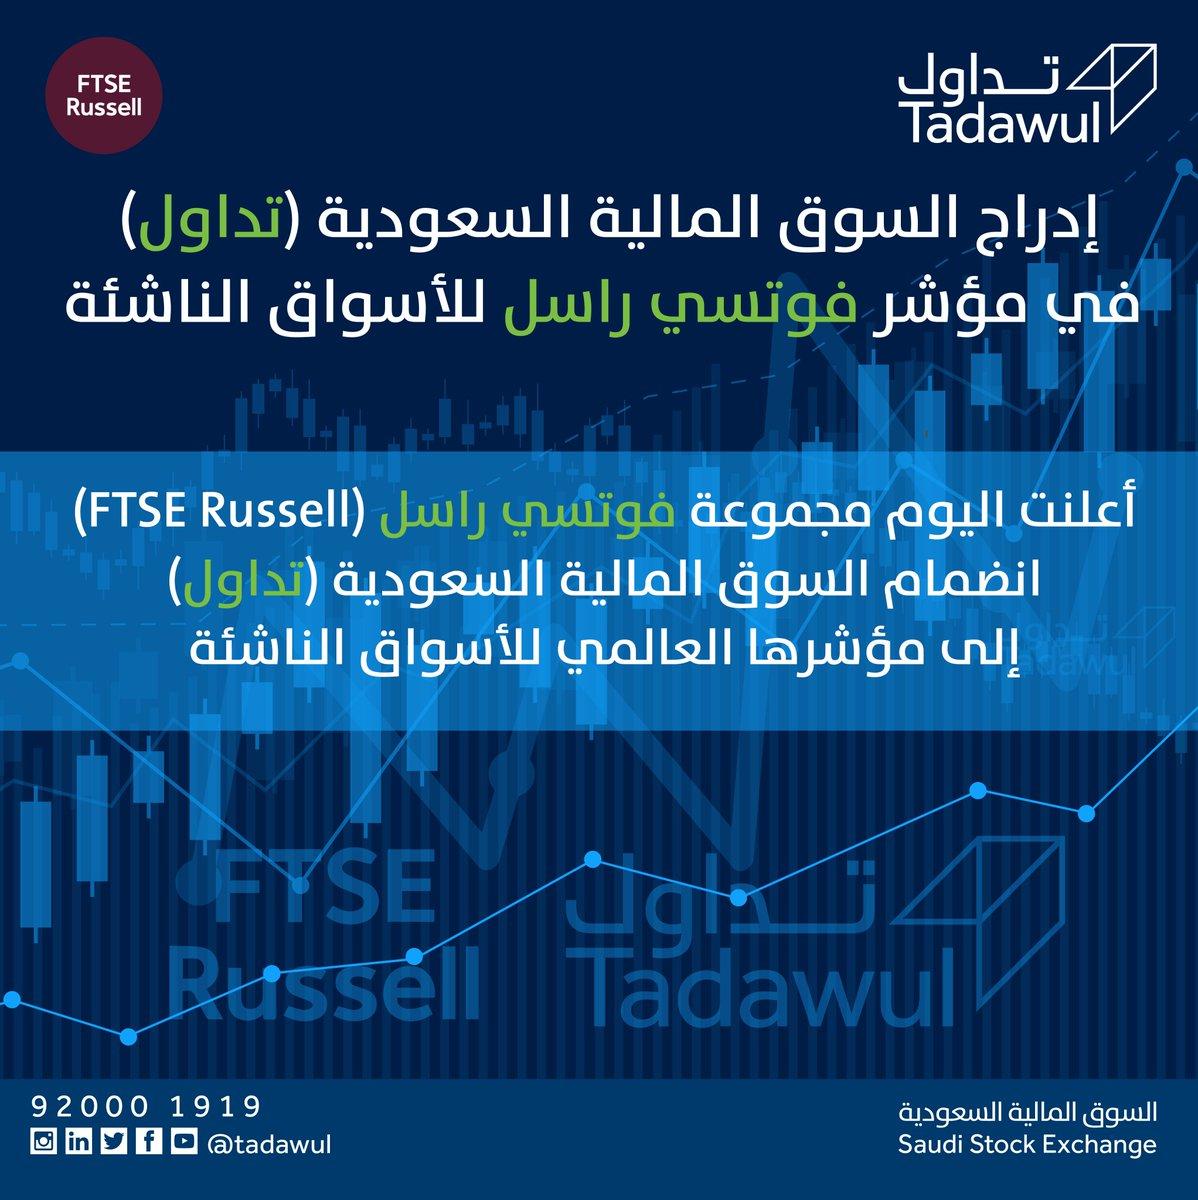 رسمياً، #إدراج_تداول_في_مؤشر_فوتسي راسل للأسواق الناشئة bit.ly/2pMBu9g